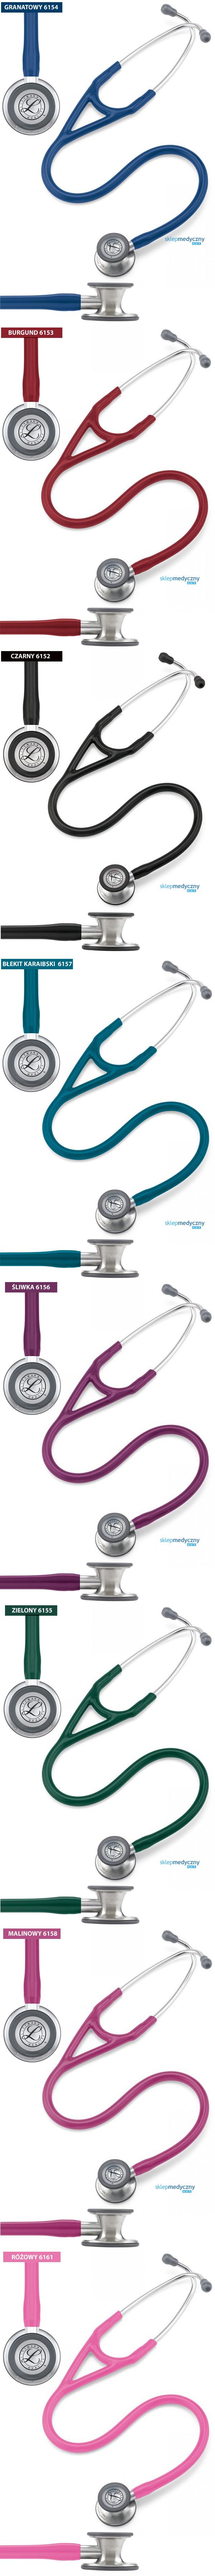 Stetoskop Littmann Cardiology IV